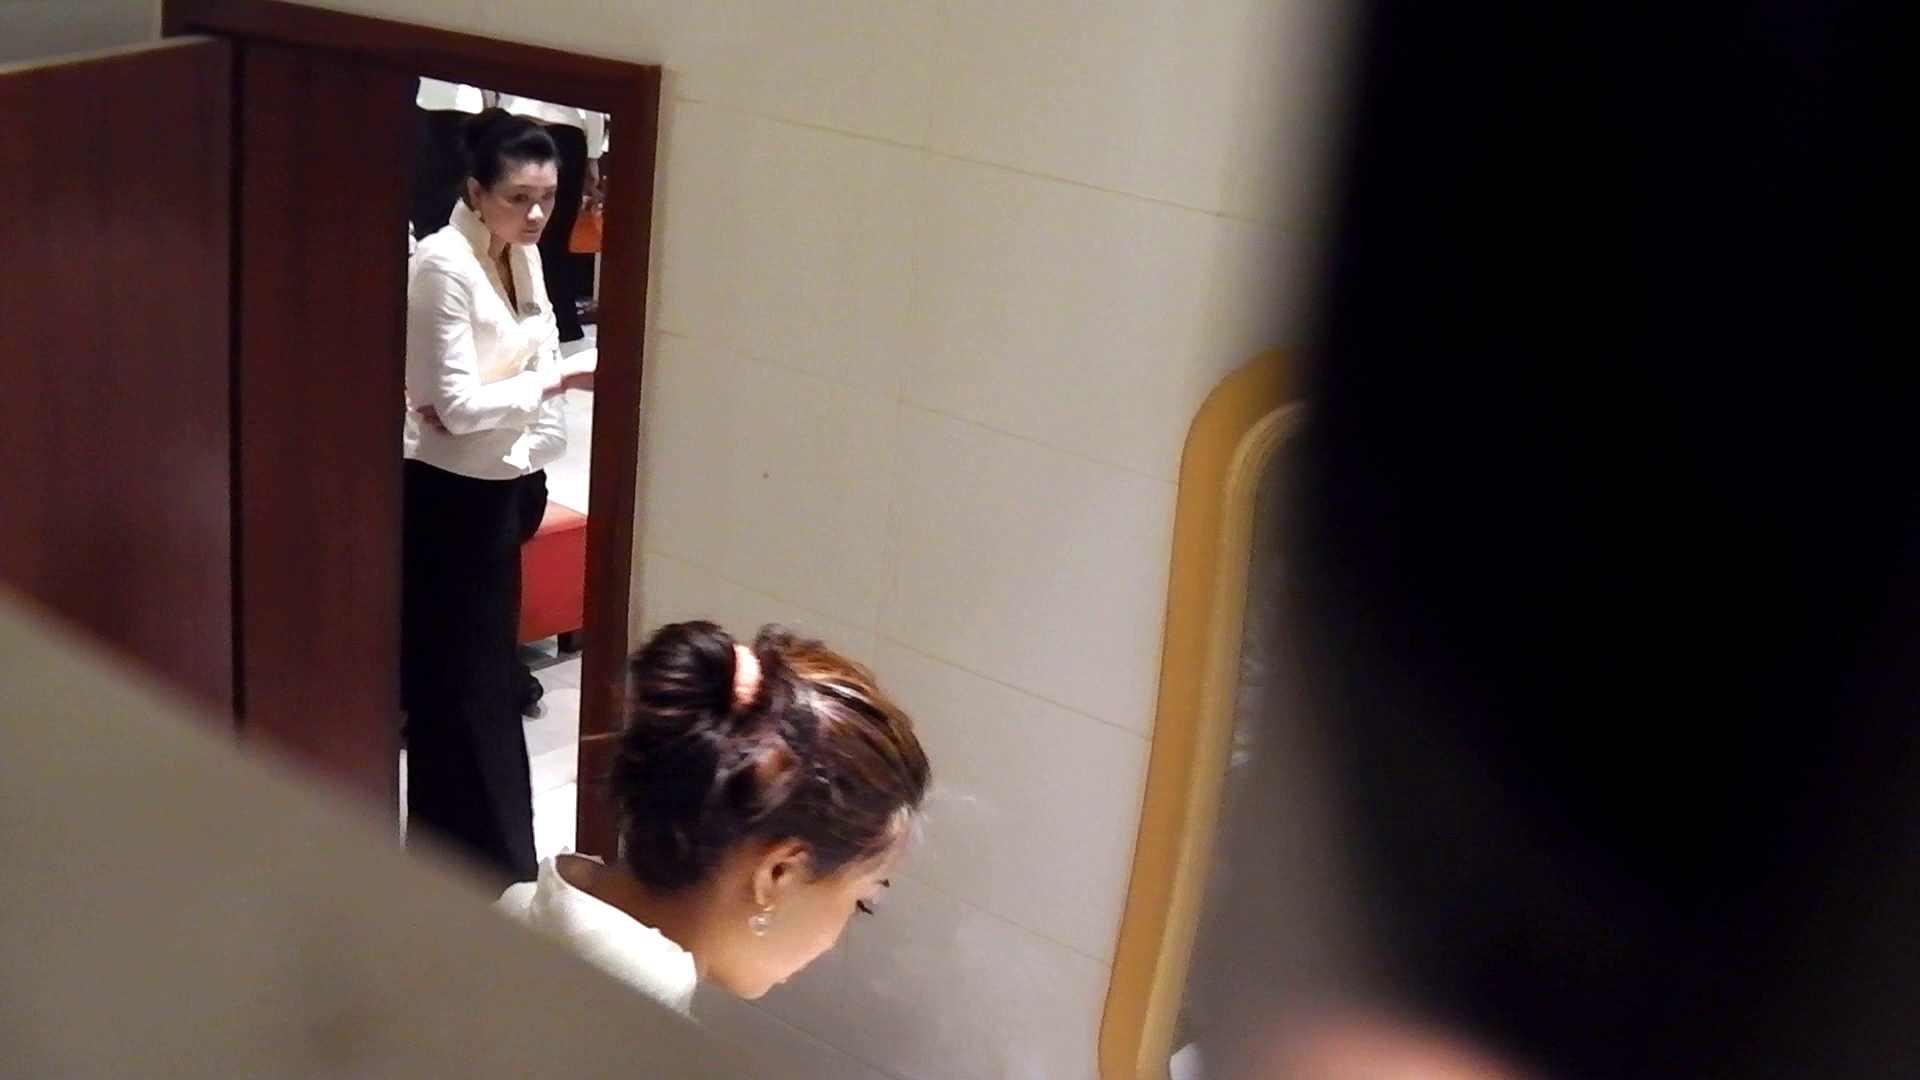 洗寿観音さんの 化粧室は四面楚歌Nol.2 エッチすぎるOL達  97連発 22